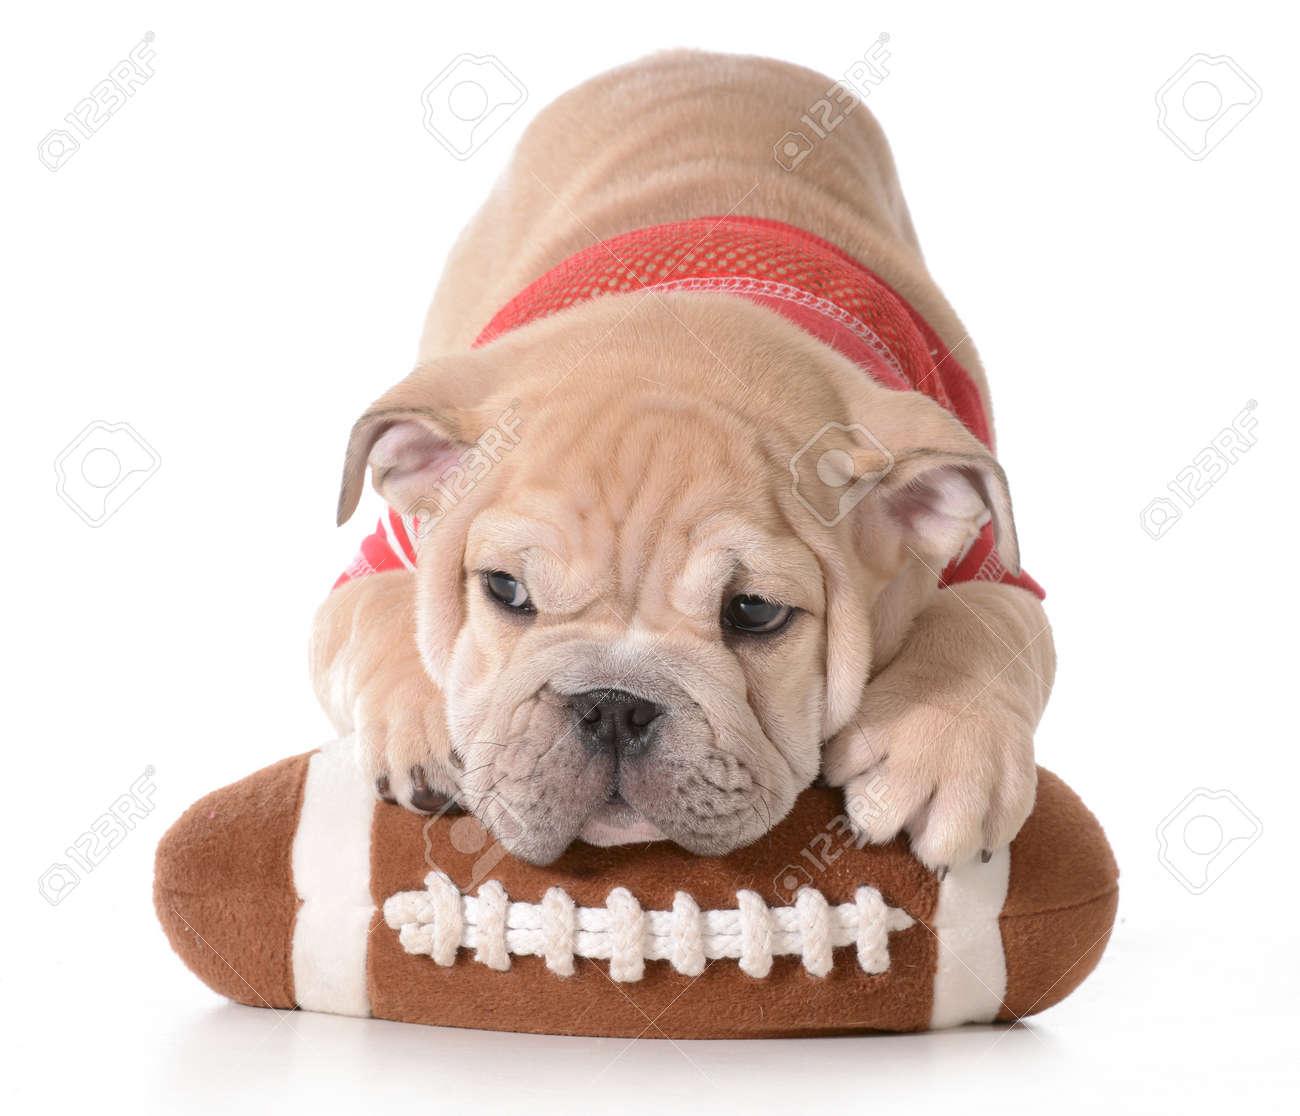 sports hound  english bulldog puppy laying on stuffed football  - sports hound  english bulldog puppy laying on stuffed football isolated onwhite background